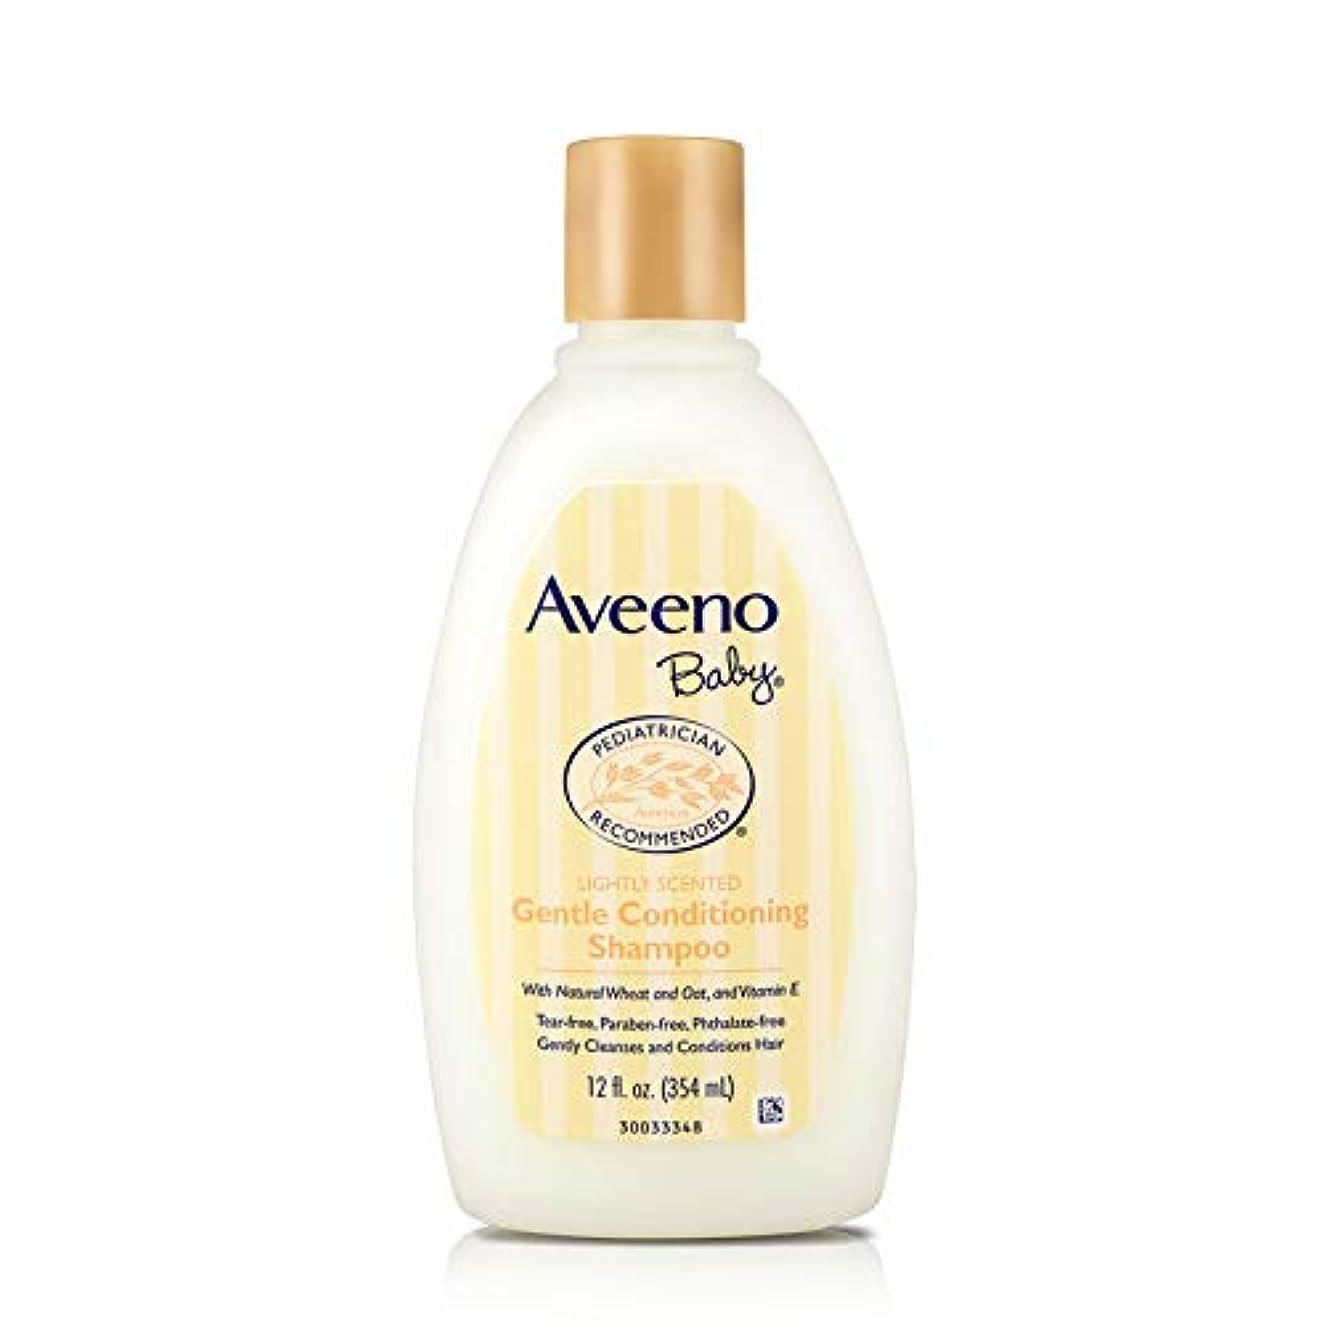 受け継ぐシャーロットブロンテ絶滅させるAveeno, Baby, Gentle Conditioning Shampoo, Lightly Scented, 12 fl oz (354 ml)